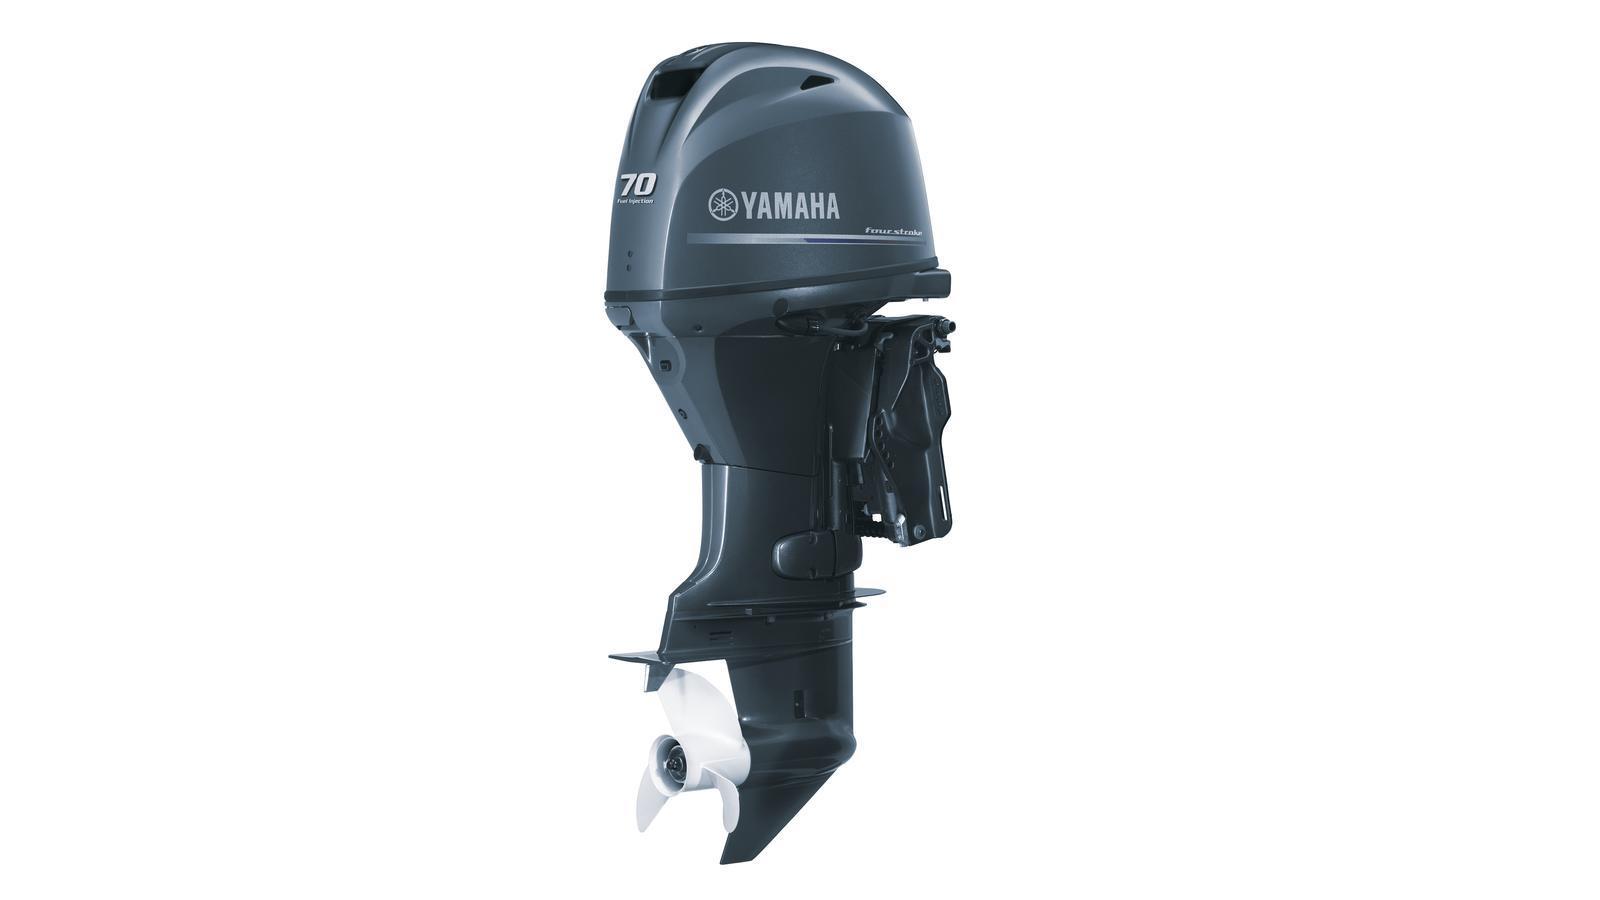 motore fuoribordo Yamaha F40 GETL in vendita vero affare occasione a mira provincia di venezia vicino a padova venezia treviso vicenza verona (5)